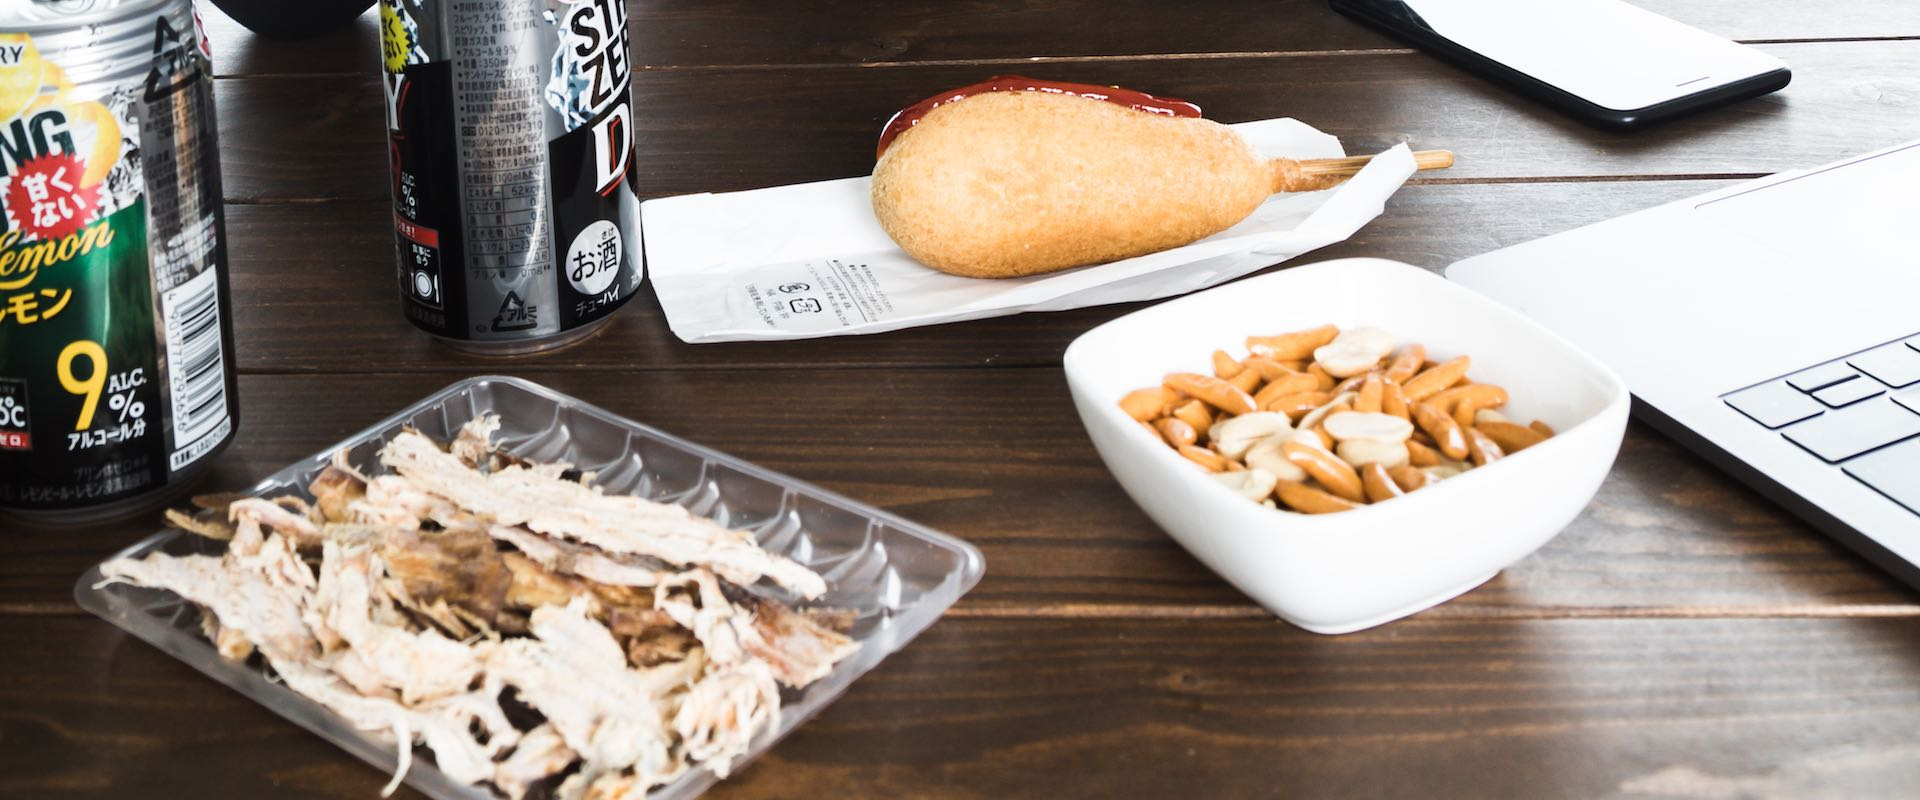 吃了身體腐敗、免疫力下降!營養學專家公佈:大家愛吃的3大NG食材